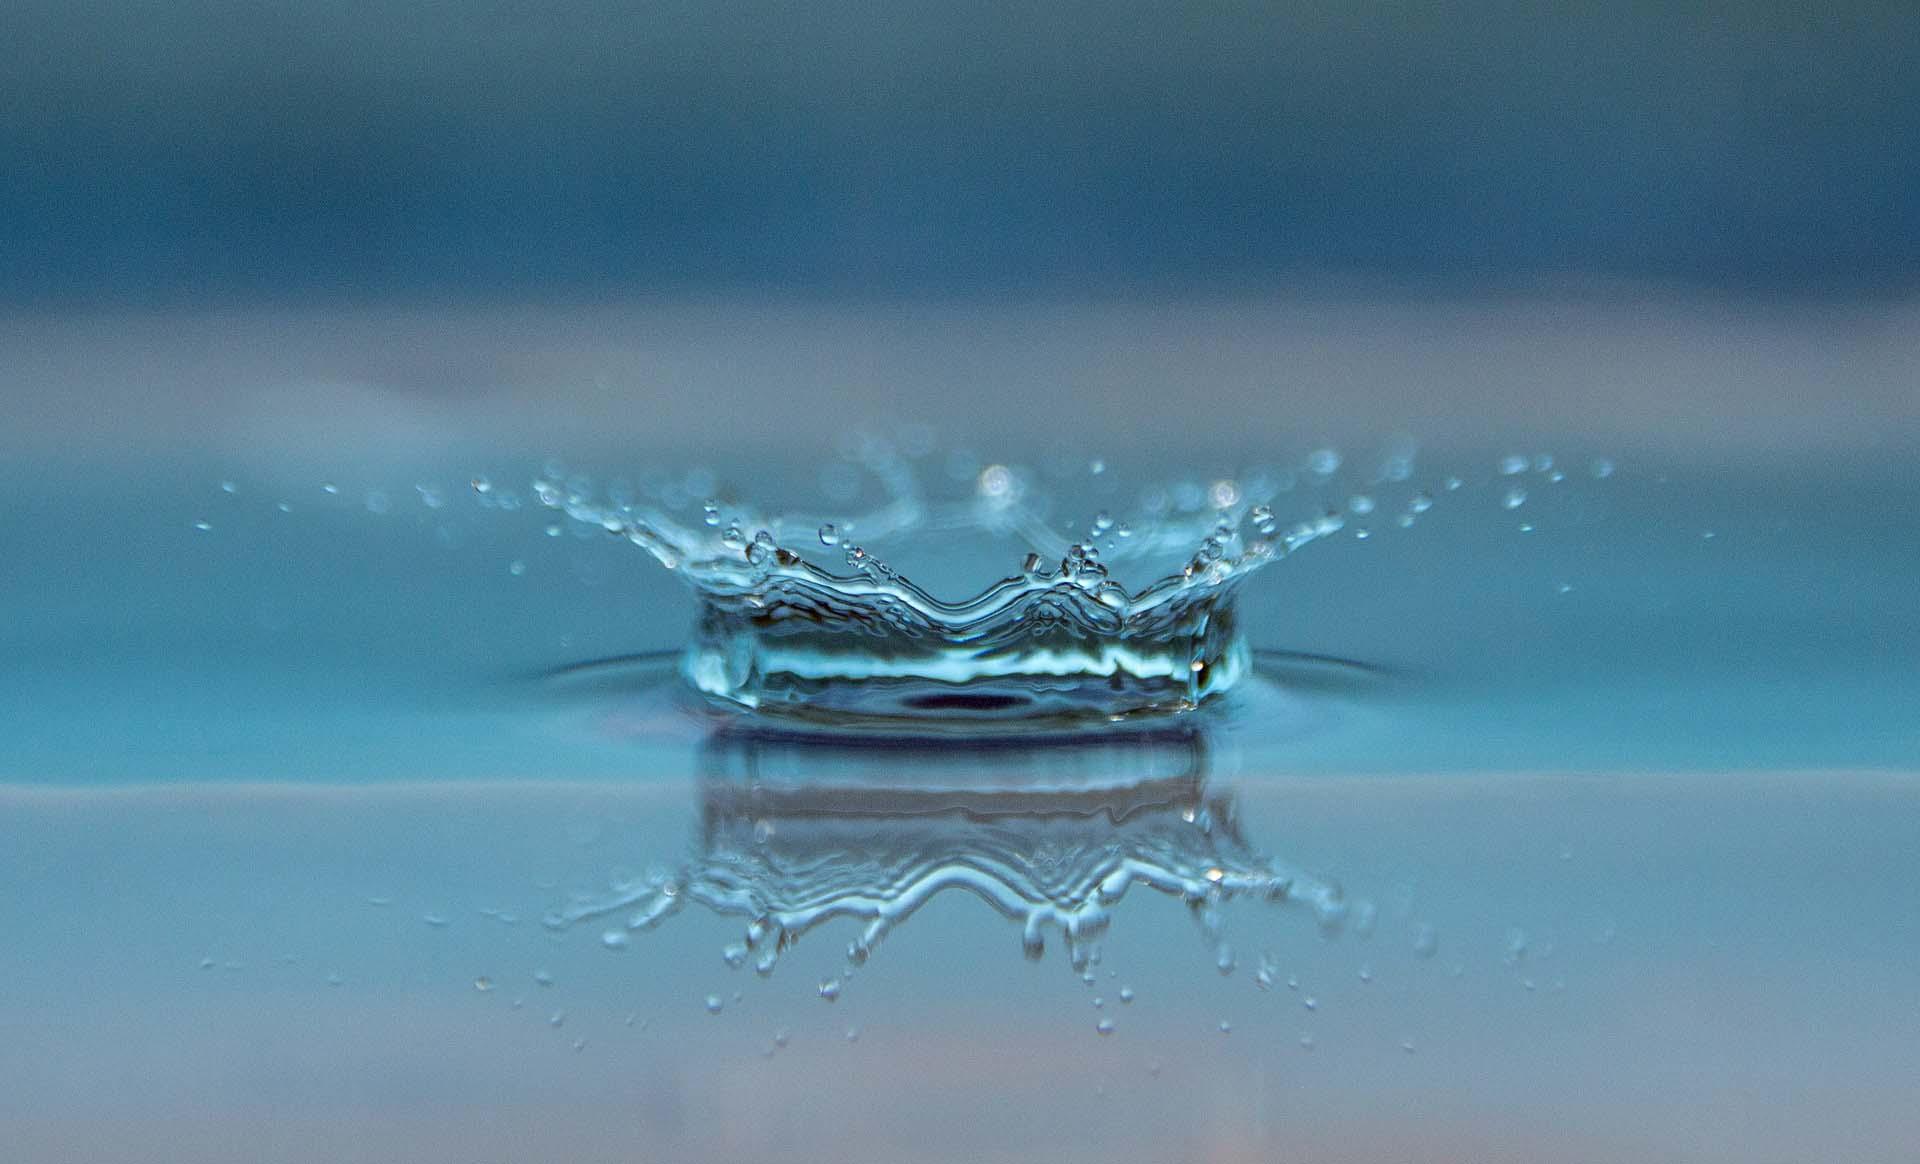 Goutte d'eau tombant sur une surface liquide métaphore du travail sur Soi